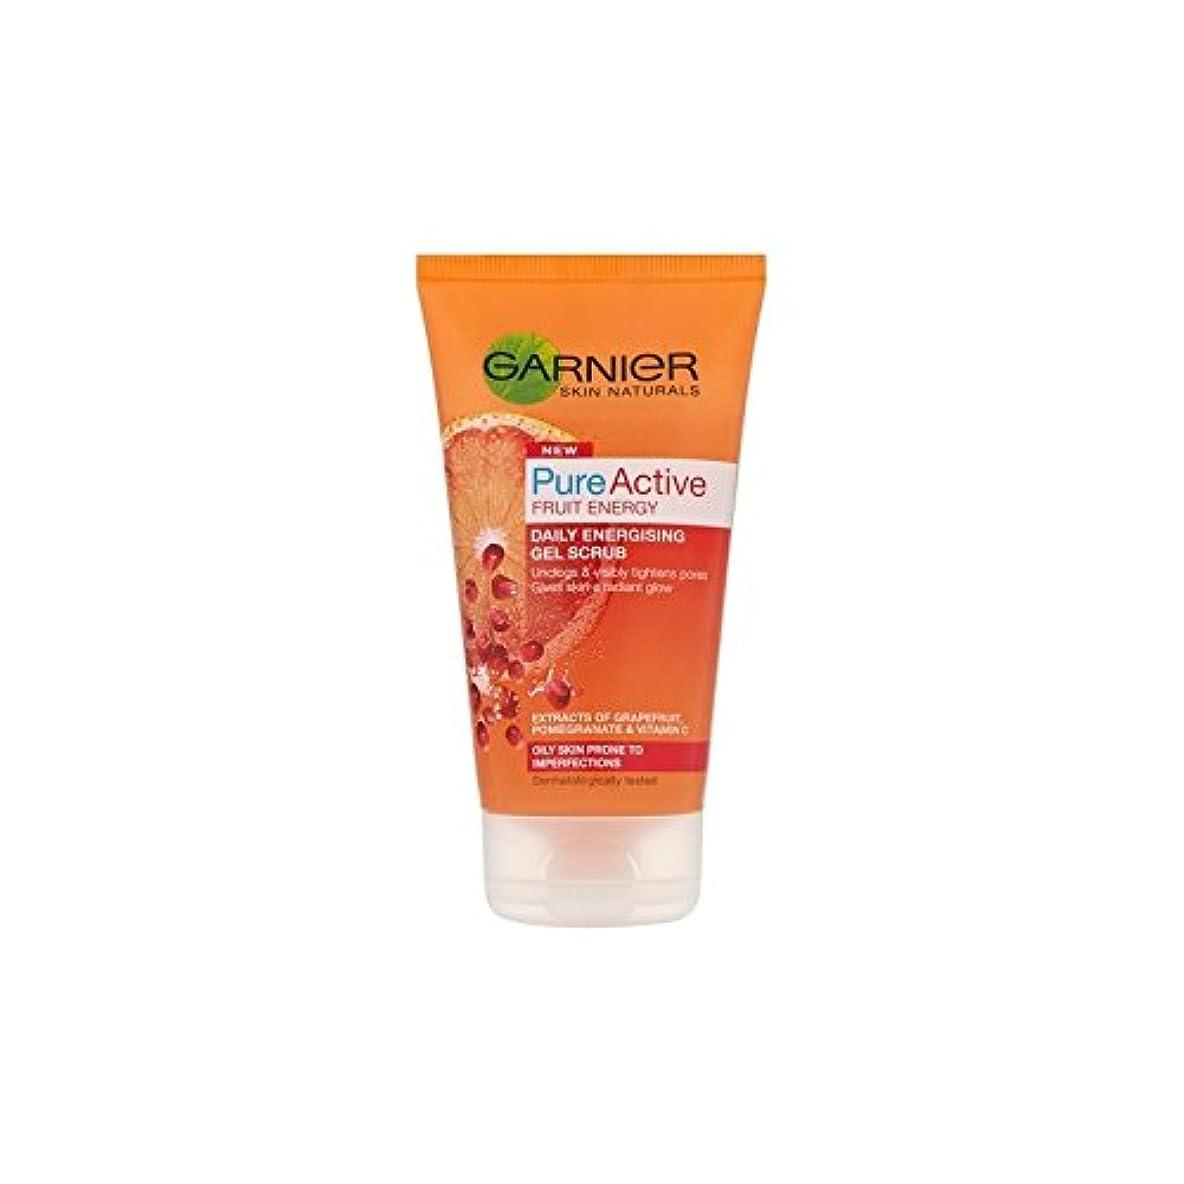 矢ナインへ非武装化純粋な活性通電ゲルスクラブ(150ミリリットル)ガルニエ皮膚ナチュラル x2 - Garnier Skin Naturals Pure Active Energising Gel Scrub (150ml) (Pack of 2) [並行輸入品]